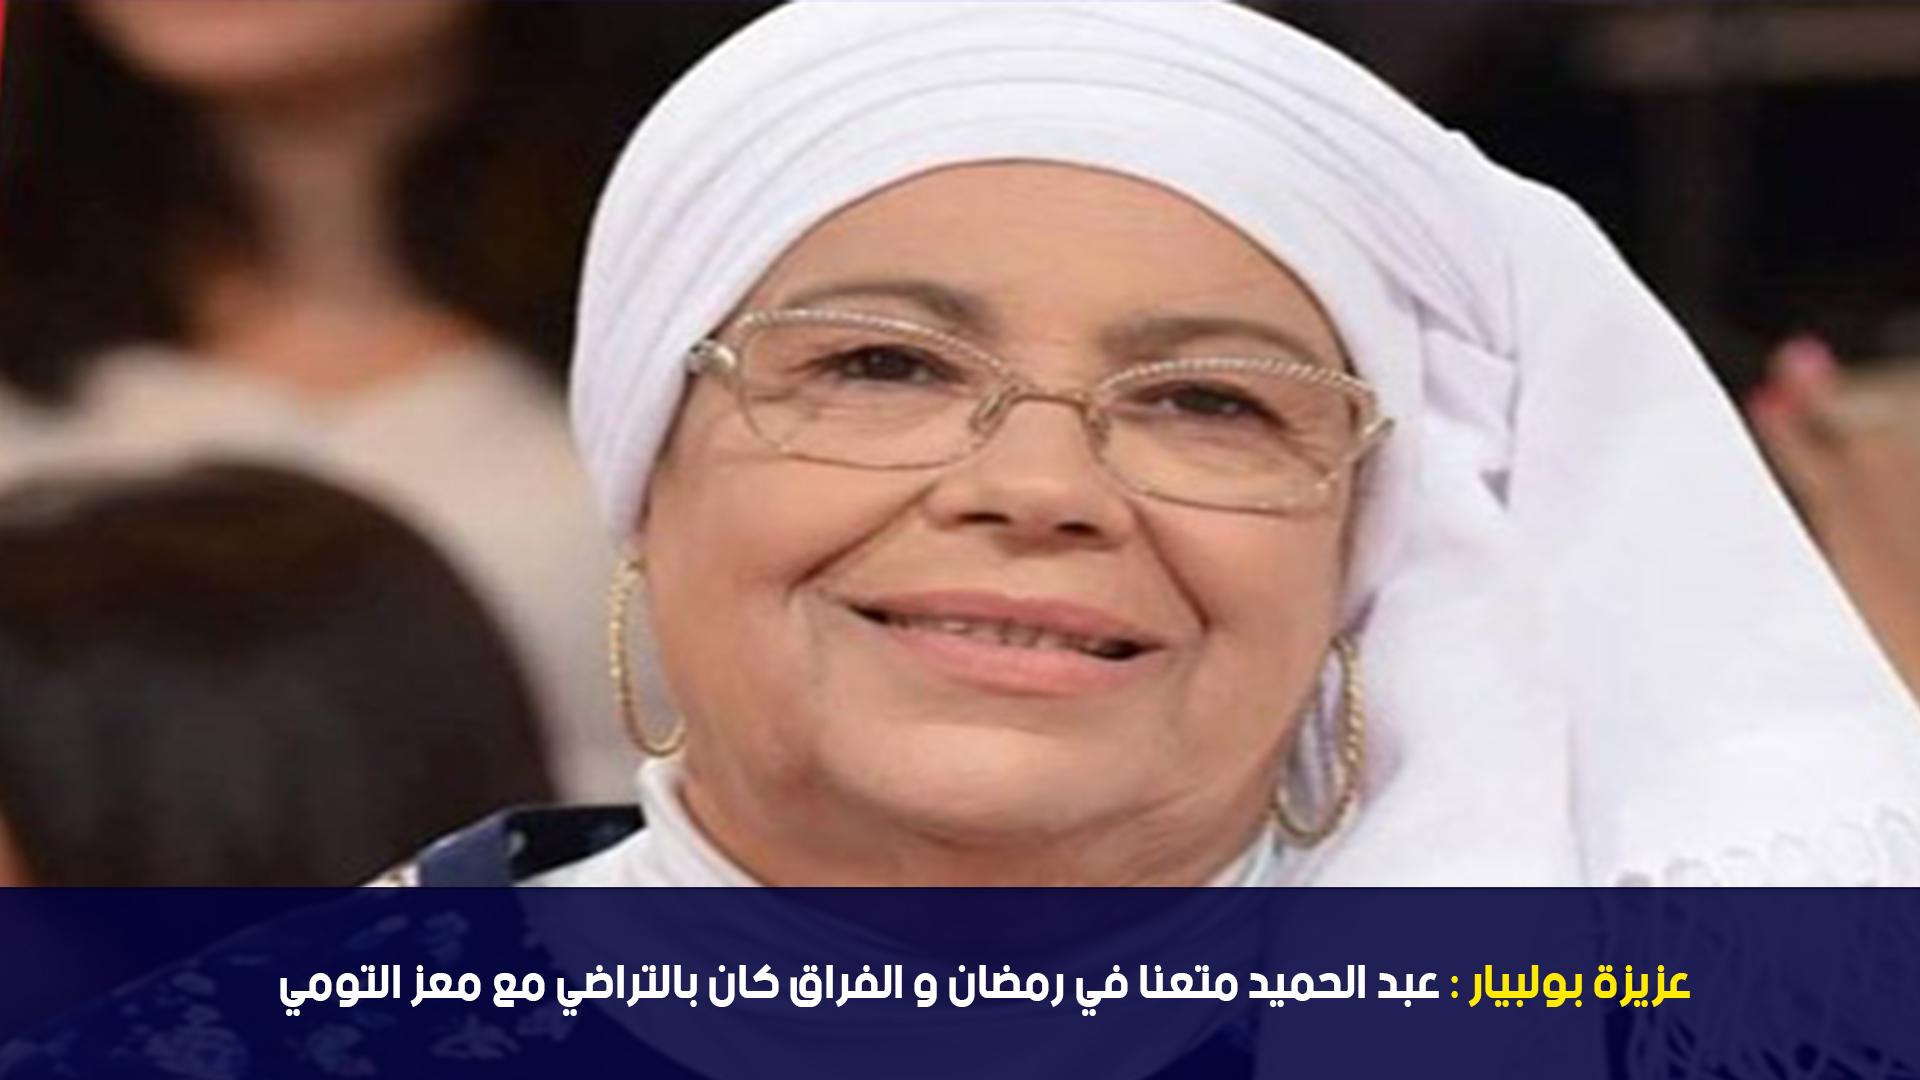 عزيزة بولبيار : عبد الحميد متعنا في رمضان و الفراق كان بالتراضي مع معز التومي